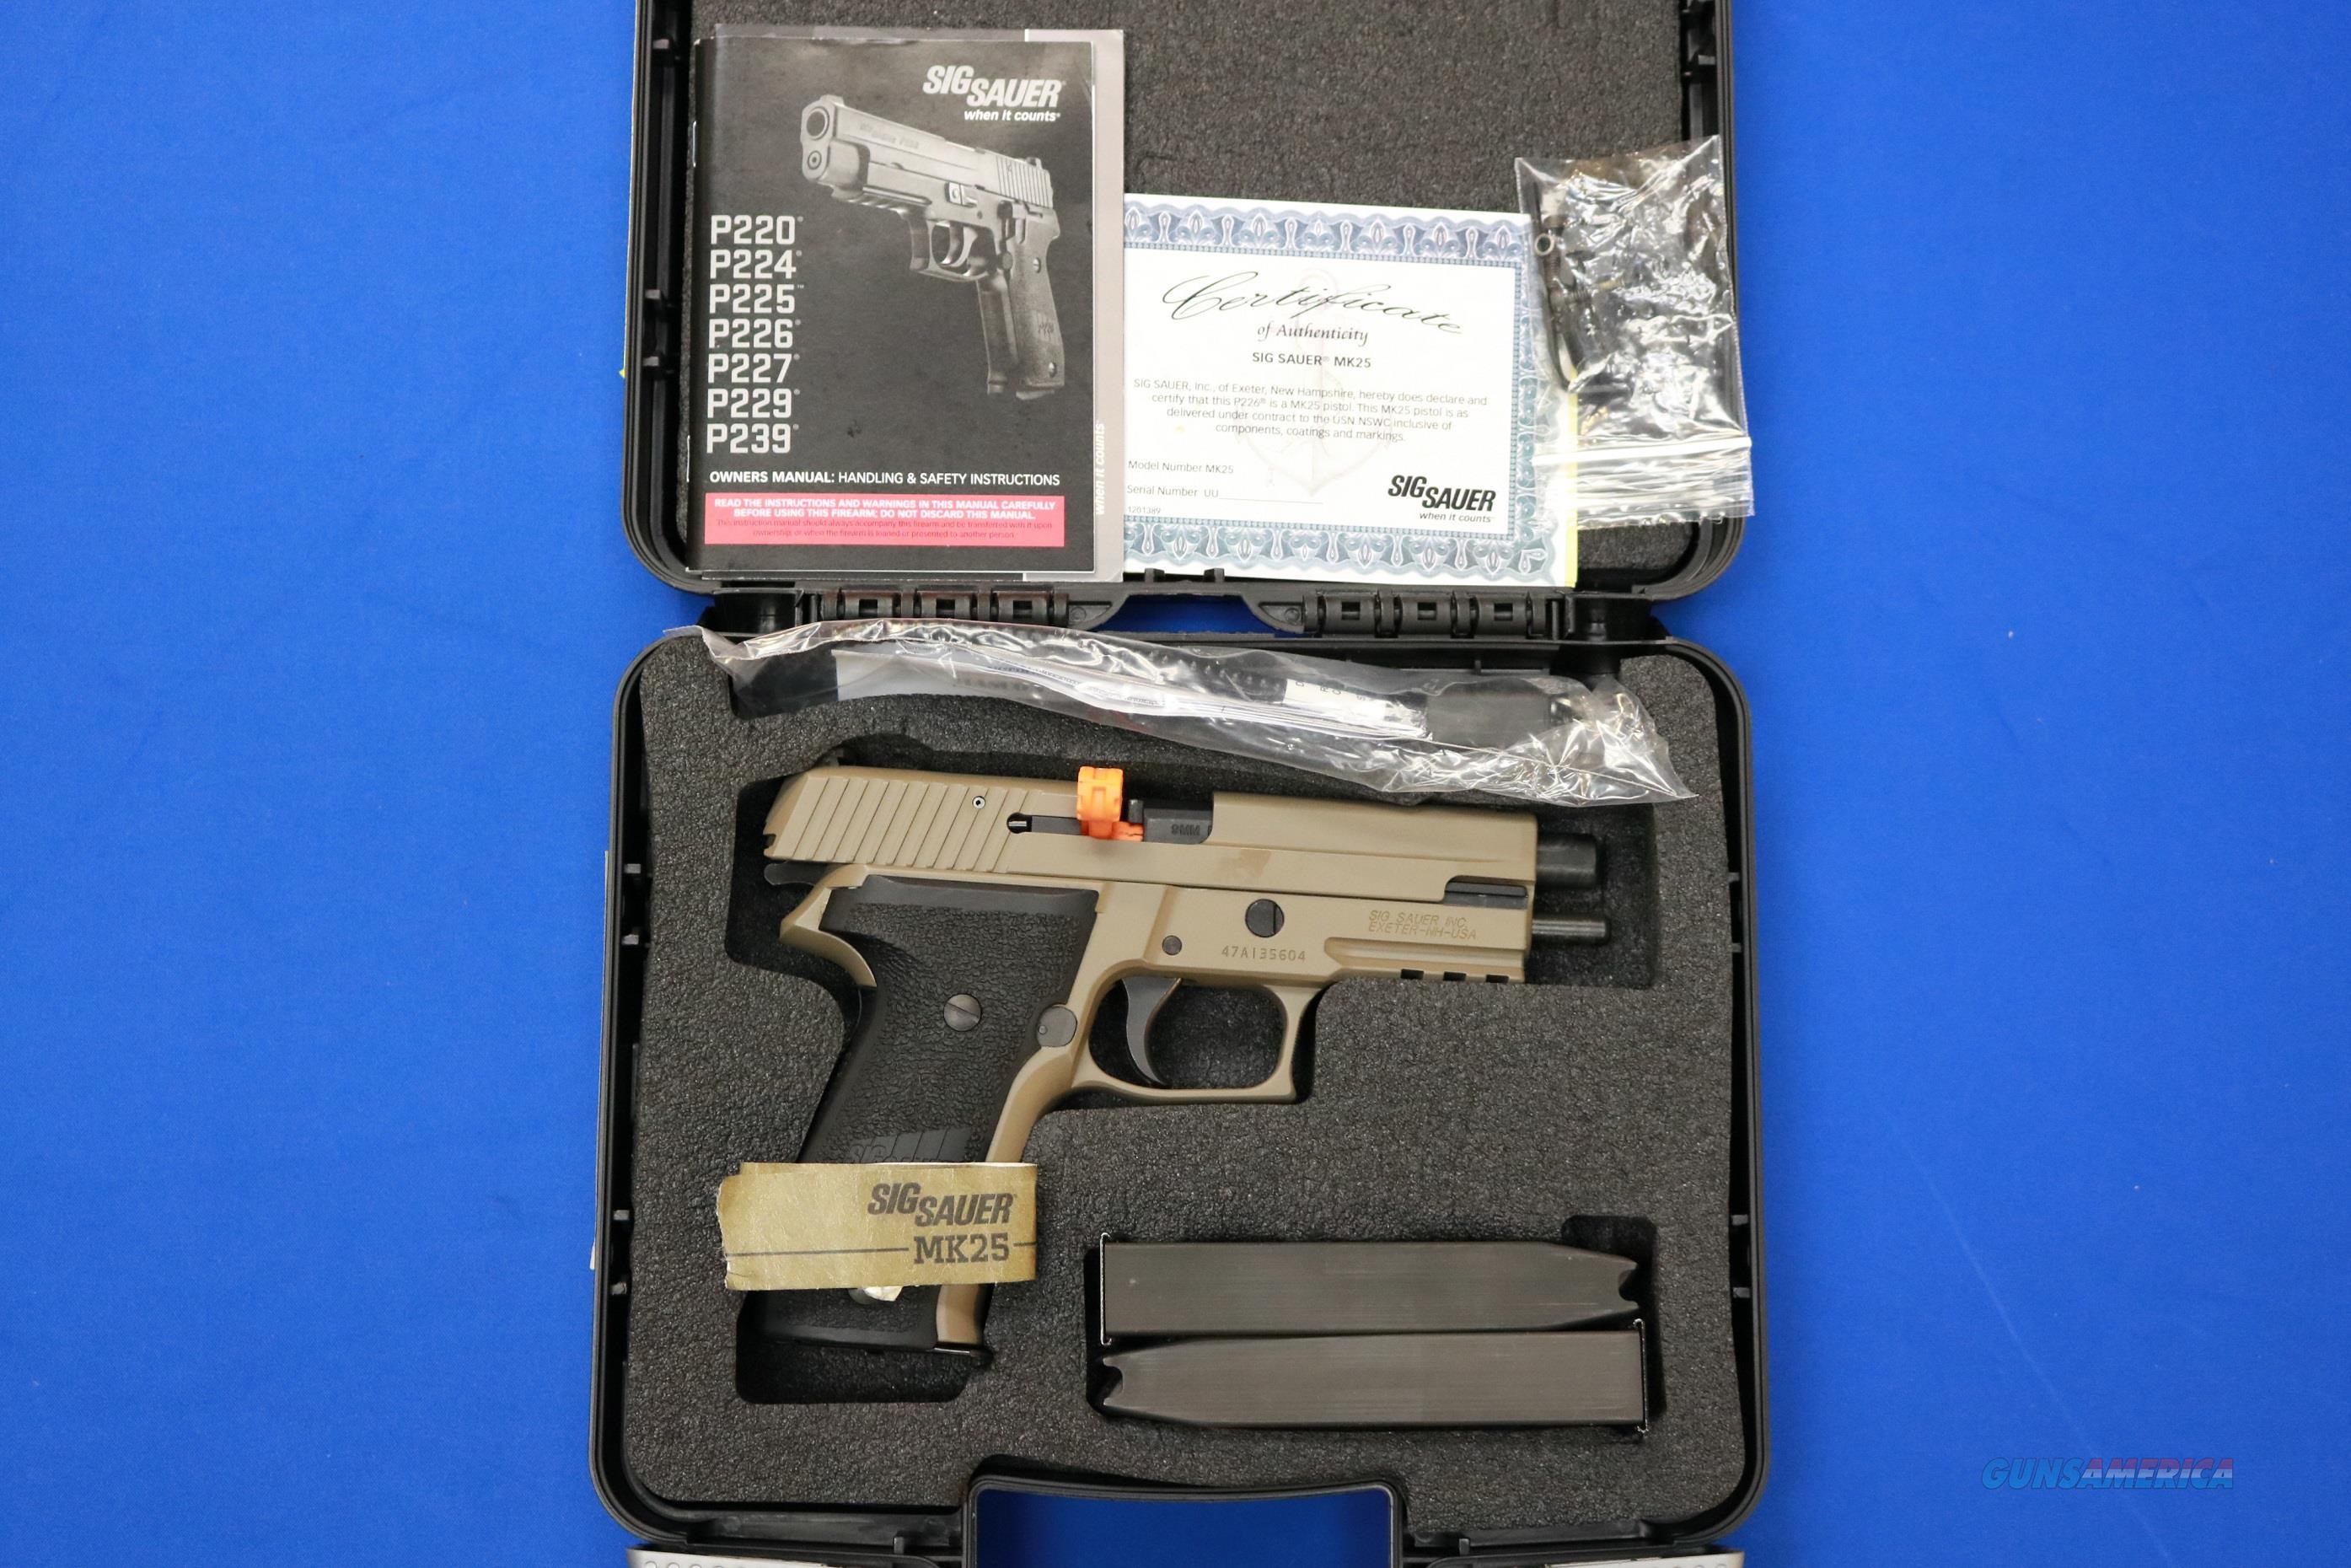 SIG SAUER P226 MK25 D 9mm FDE AS NEW MK-25-D  Guns > Pistols > Sig - Sauer/Sigarms Pistols > P226